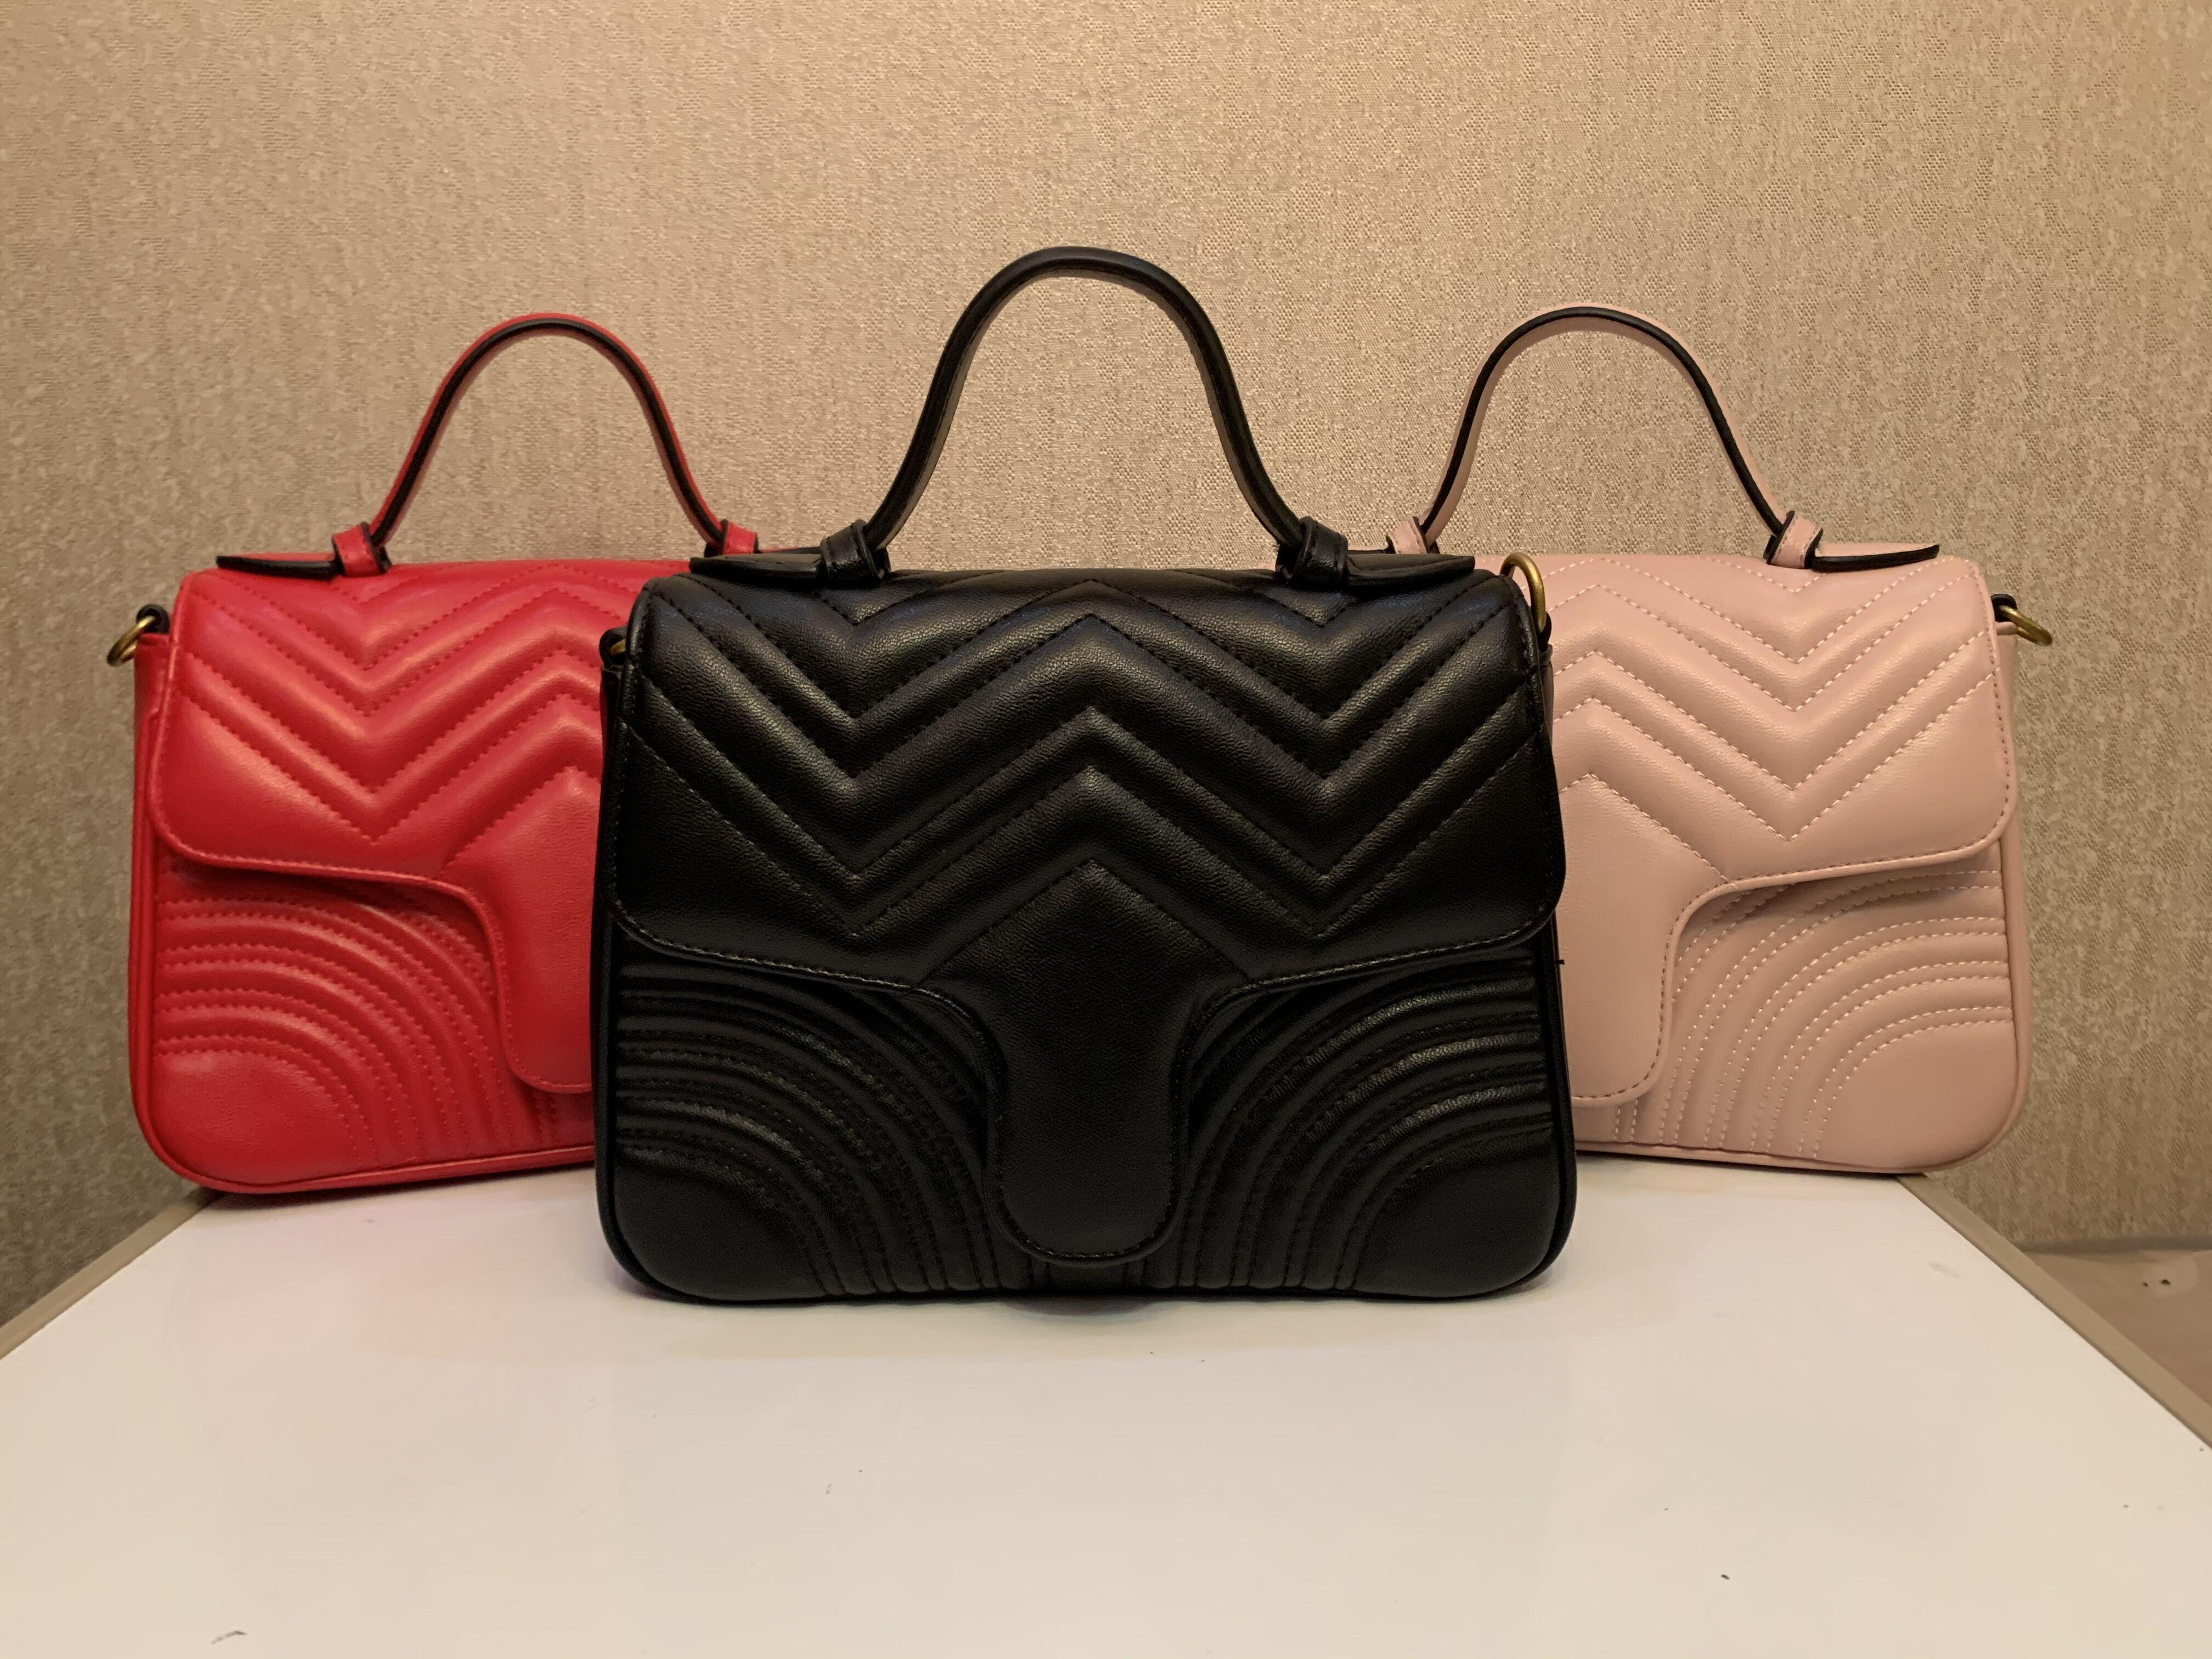 뜨거운 판매 새로운 Marmont 어깨 가방 레이디 하트 모양의 골드 체인 메신저 가방 PU 가죽 핸드백 지갑 레이디 메신저 가방